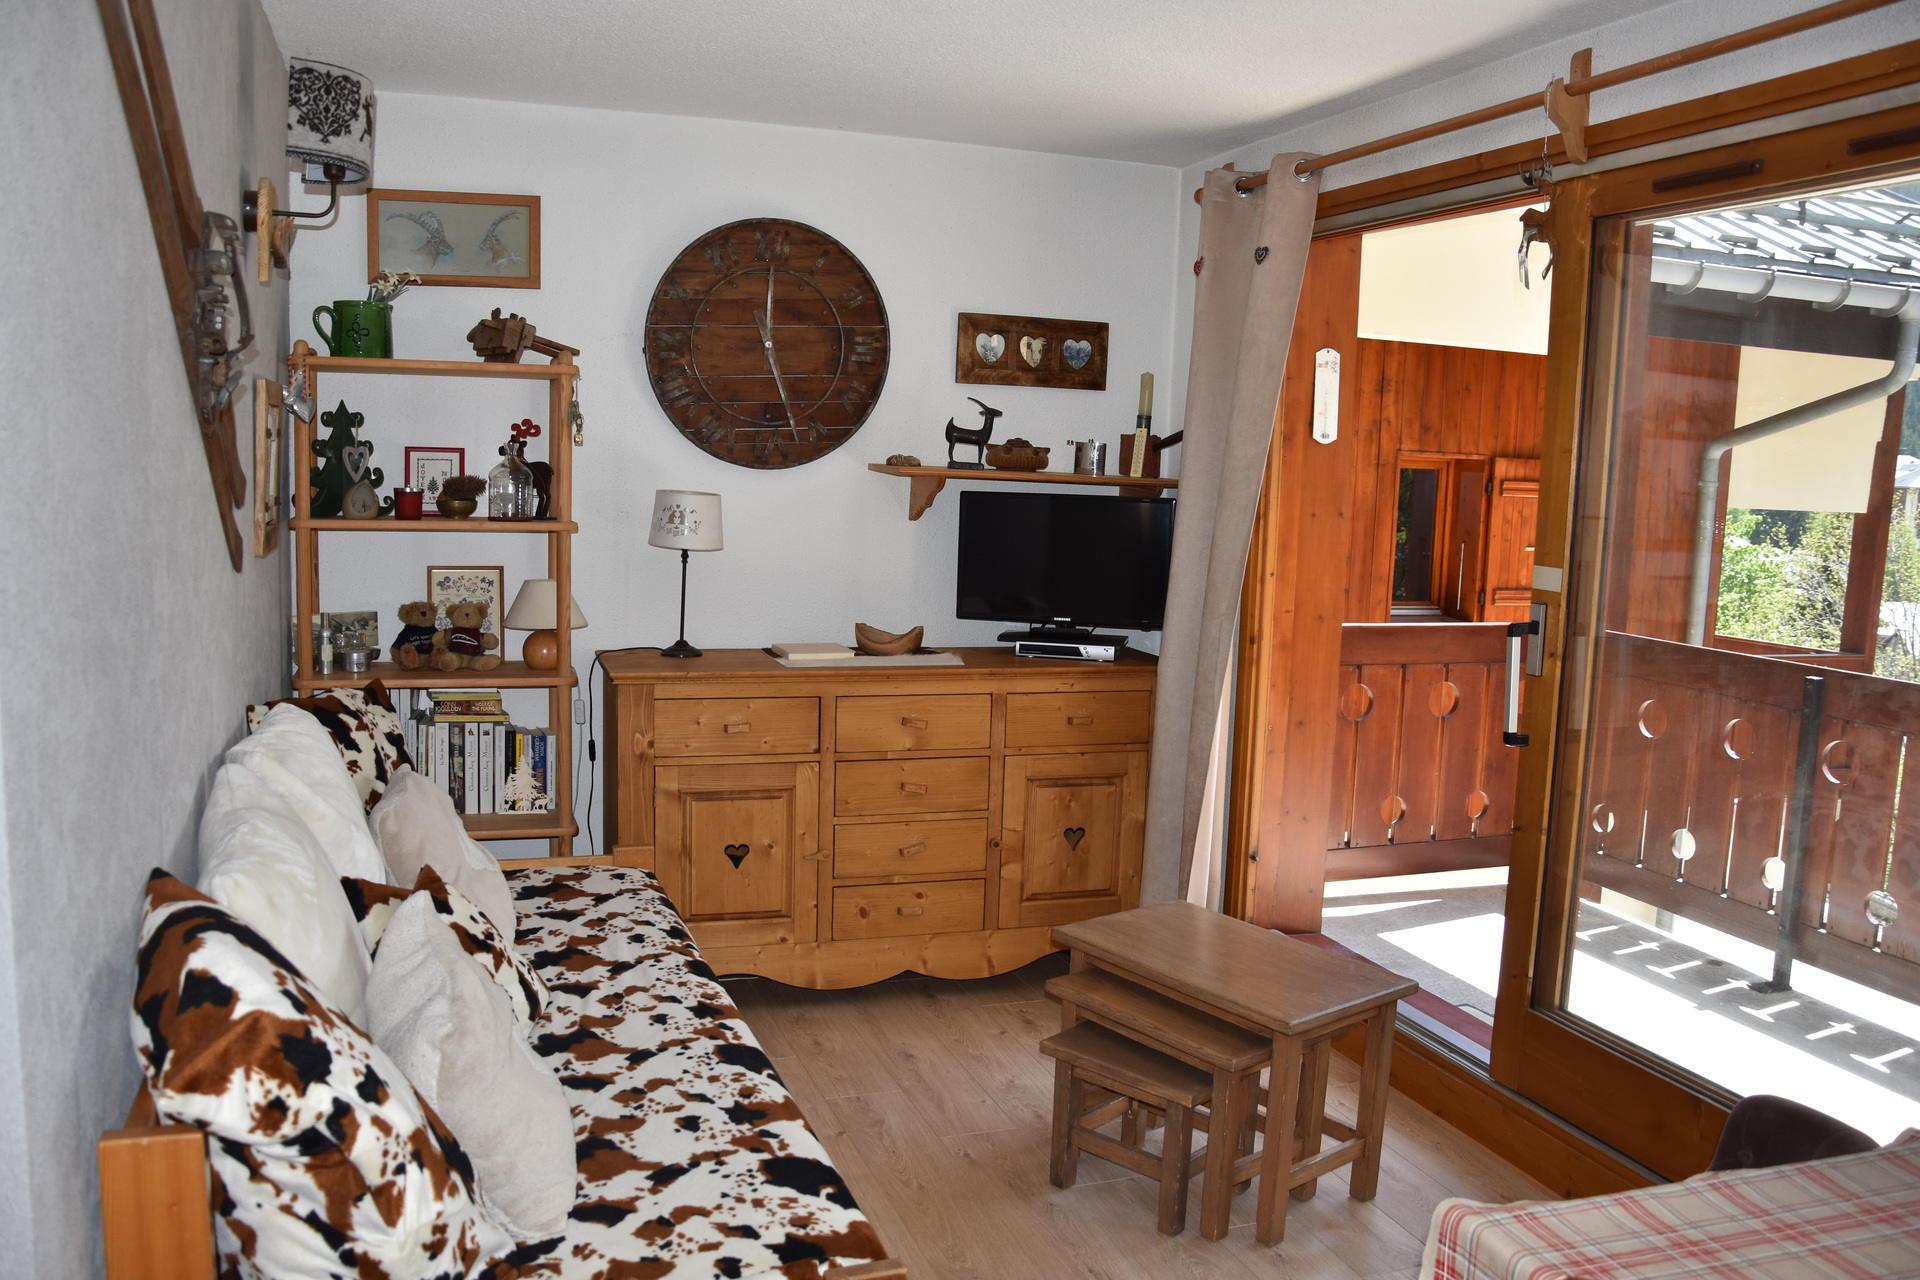 Location référence : GLACIEB6 à Pralognan la Vanoise